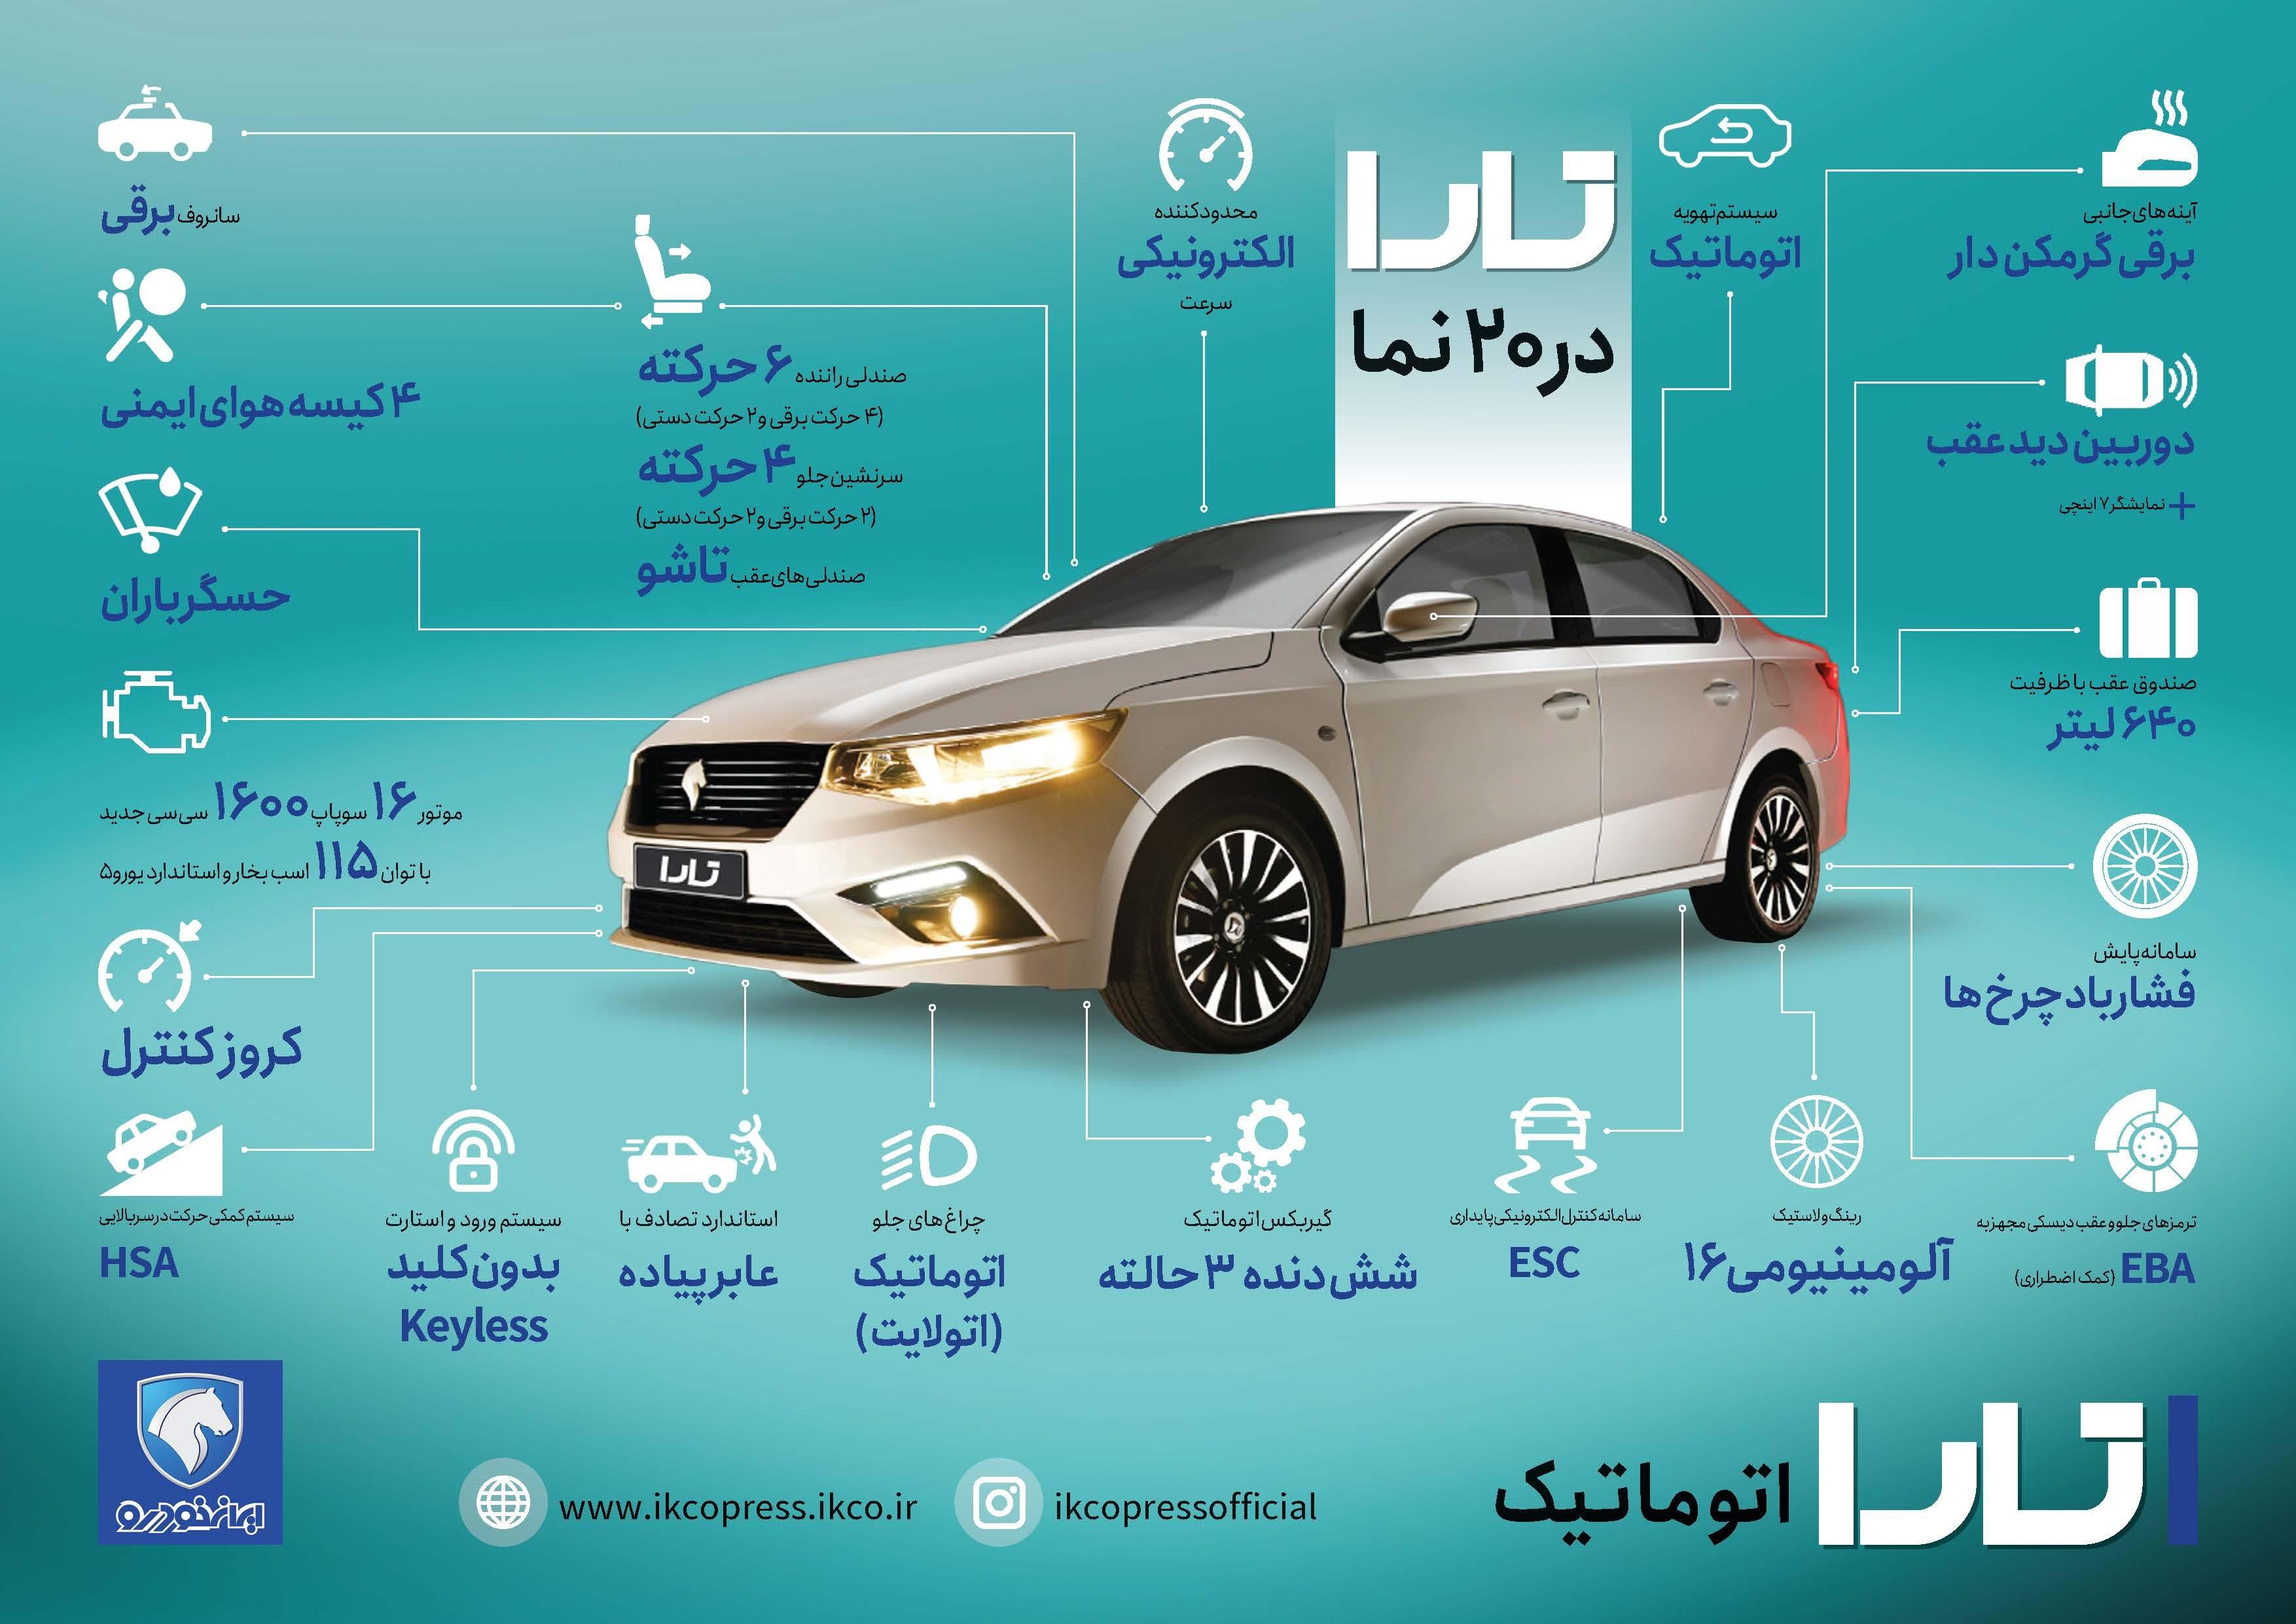 مشخصات فنی خودرو تارا اعلام شد